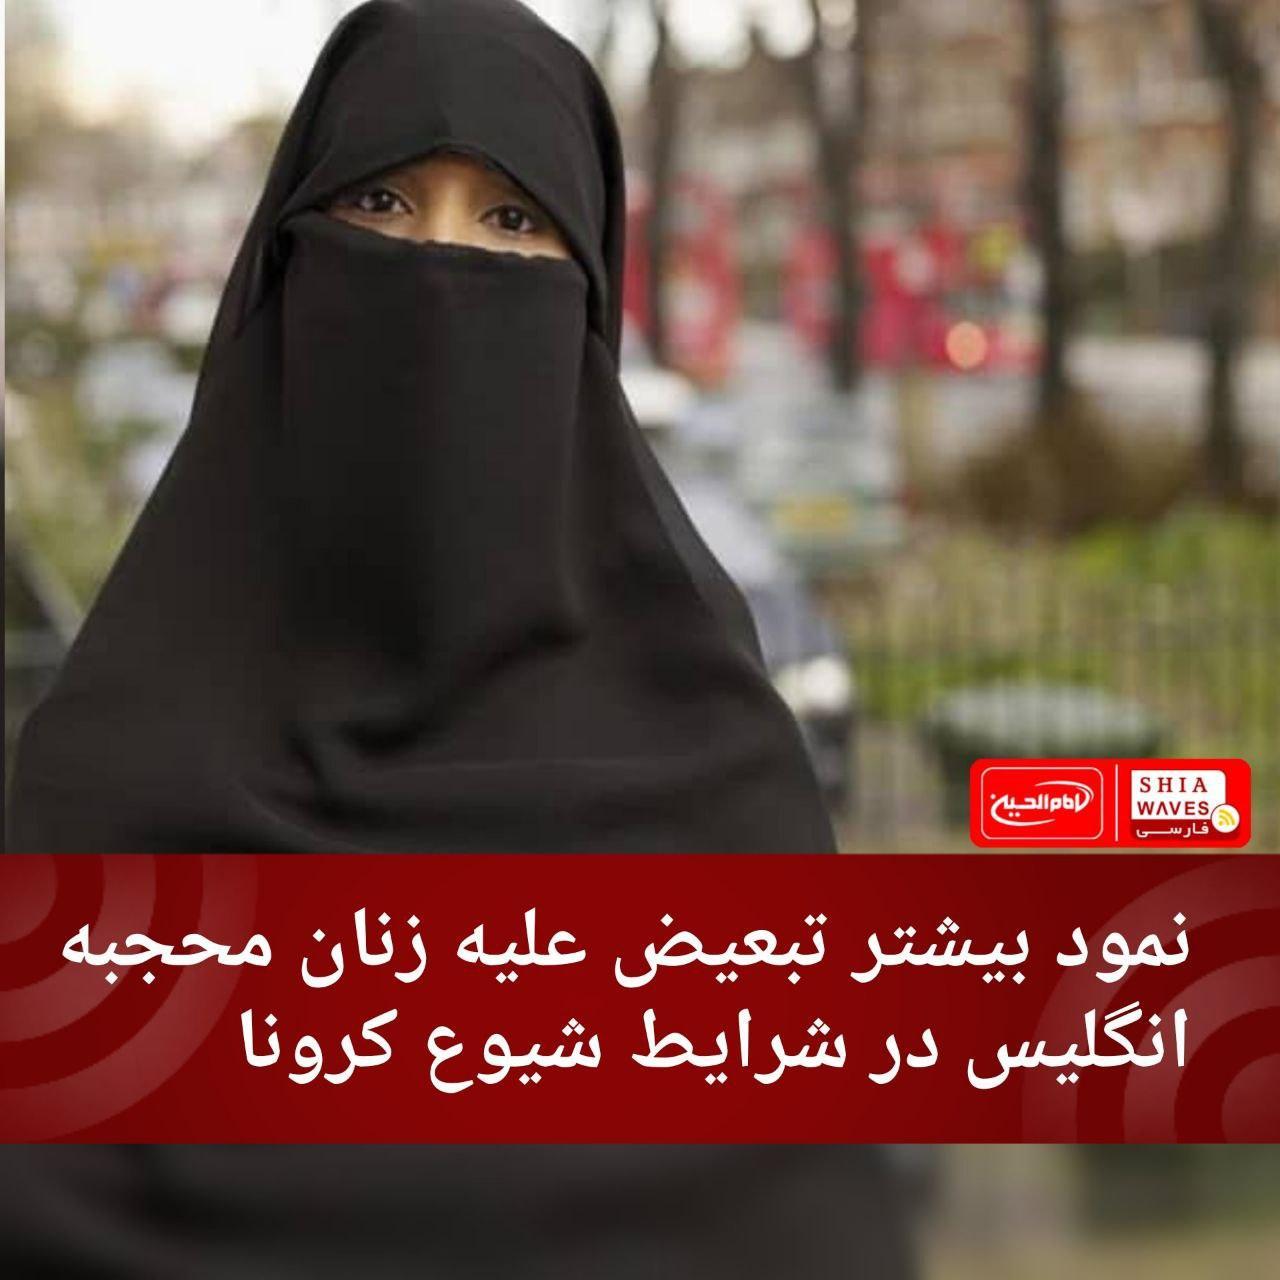 تصویر نمود بیشتر تبعیض علیه زنان محجبه انگلیس در شرایط شیوع کرونا